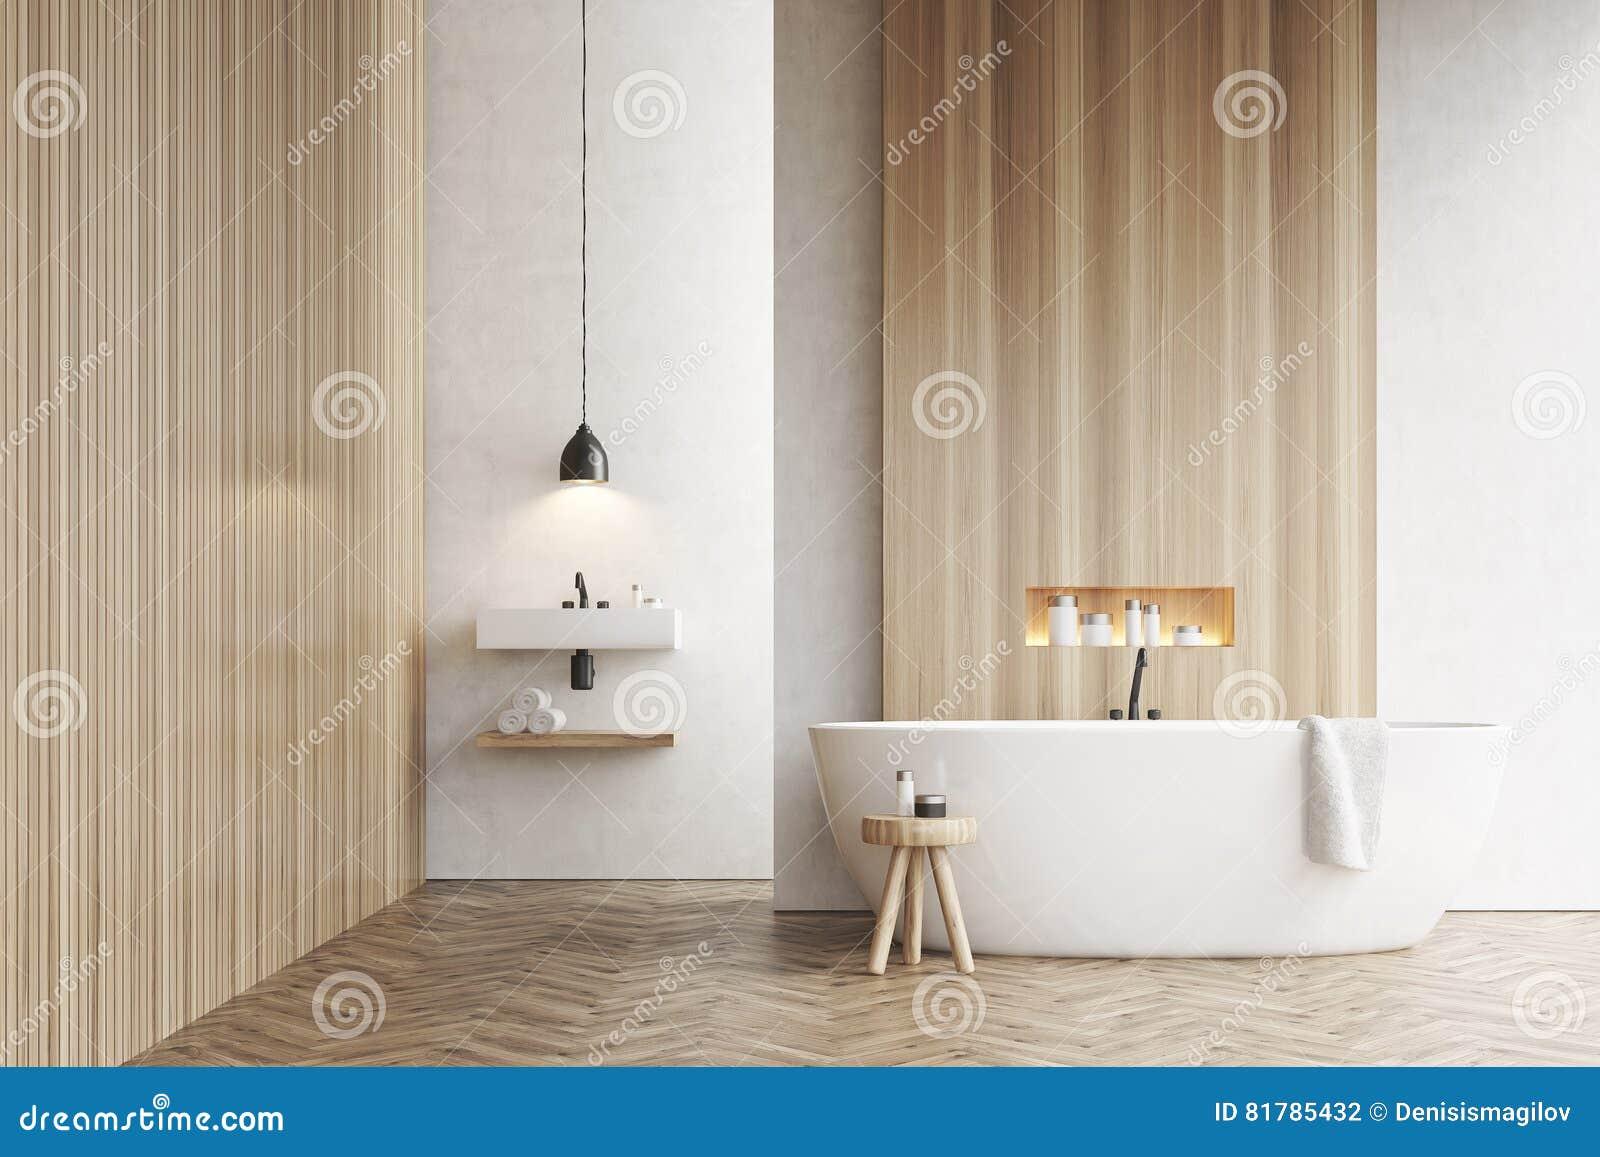 Baignoire, un évier et une chaise, murs blancs